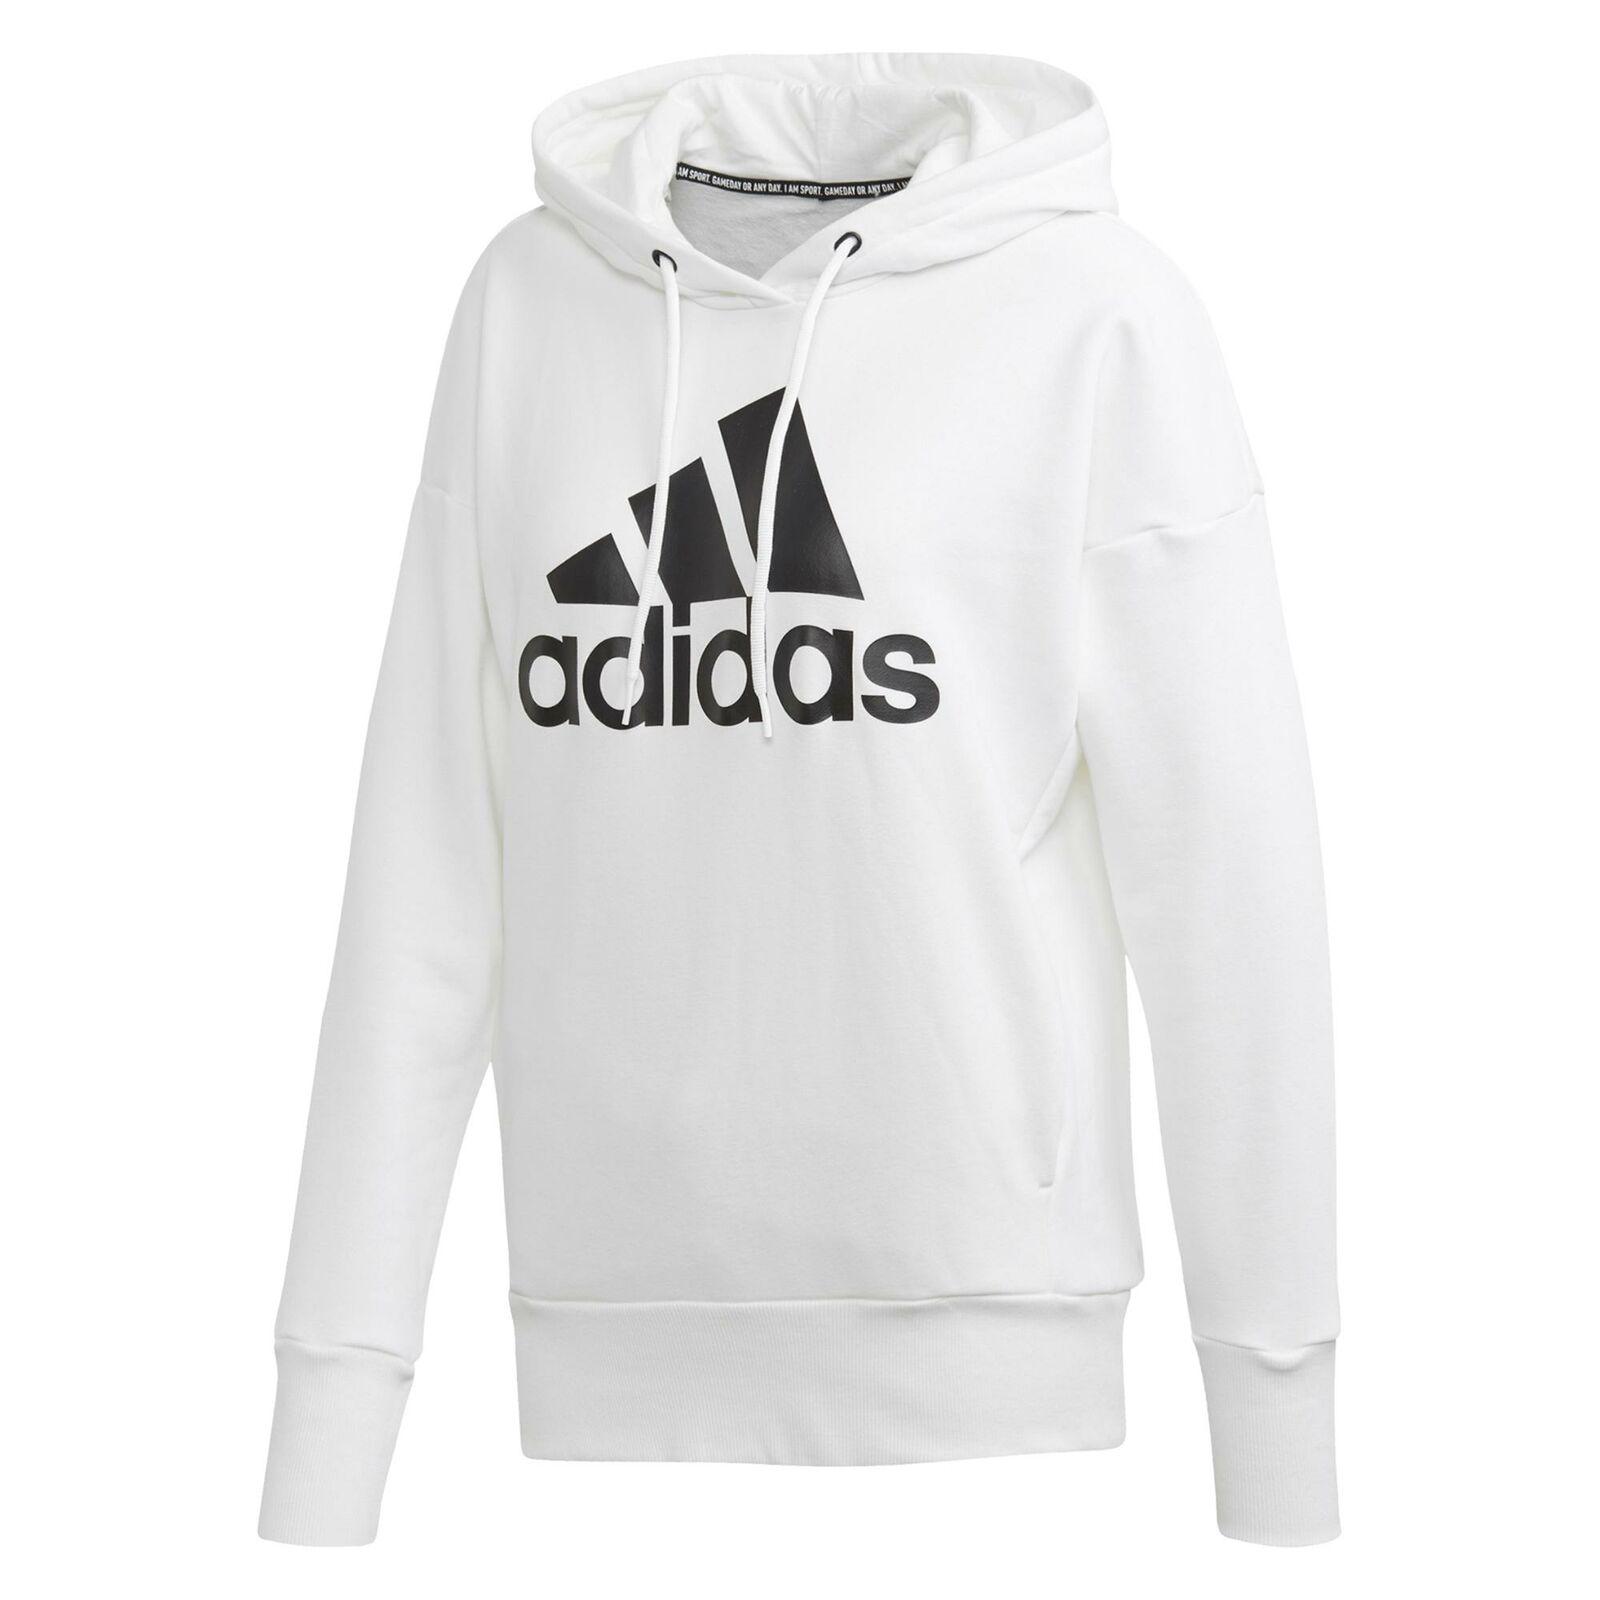 adidas Damen Sweatshirt Kapuzensweathirt Pul r Langarmshirt Sport Mode weiß